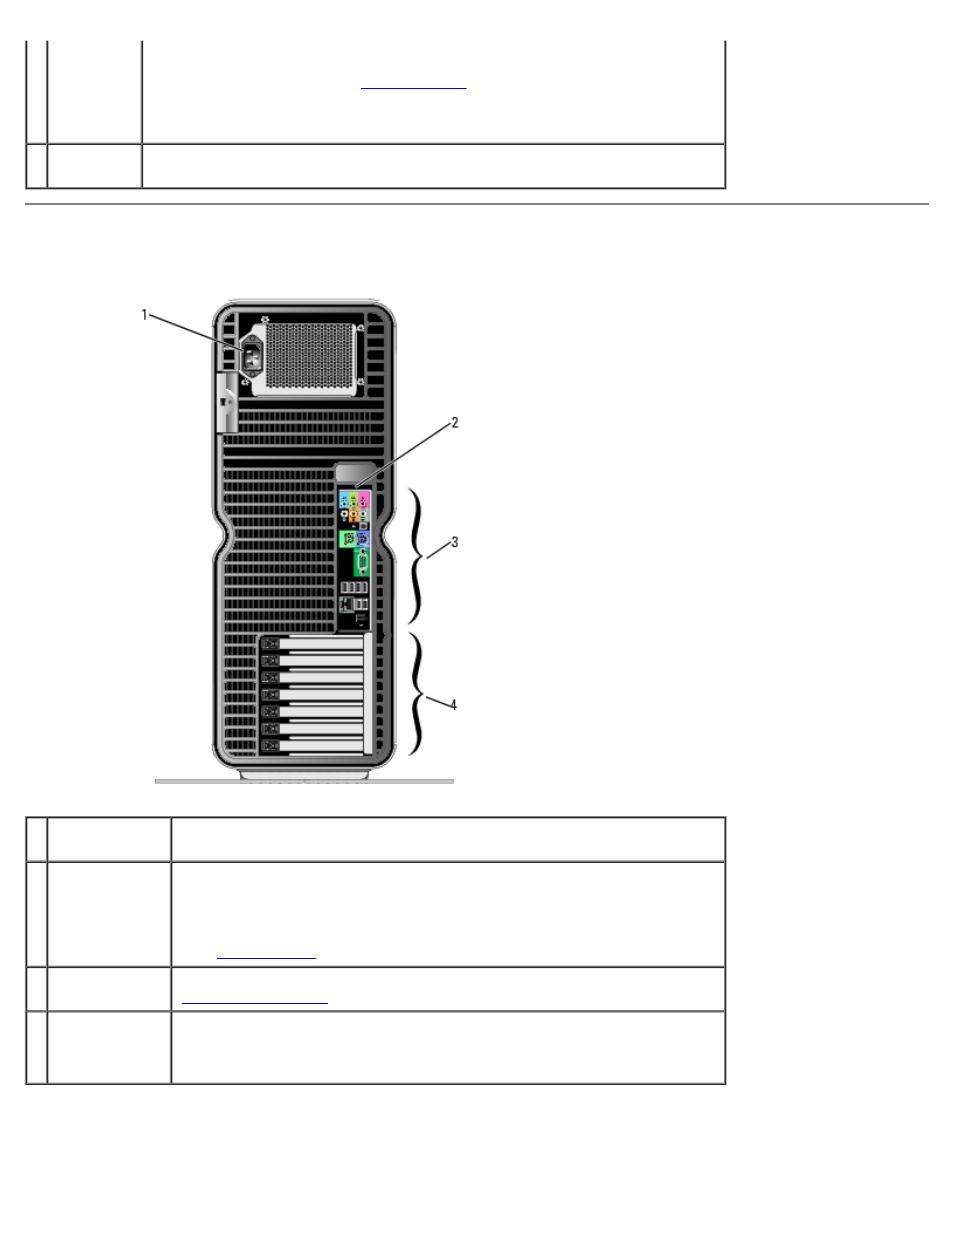 back view back i o connectors dell xps 710 user manual page 4 88 rh manualsdir com dell xps 7100 manual Dell XPS 720 Specs